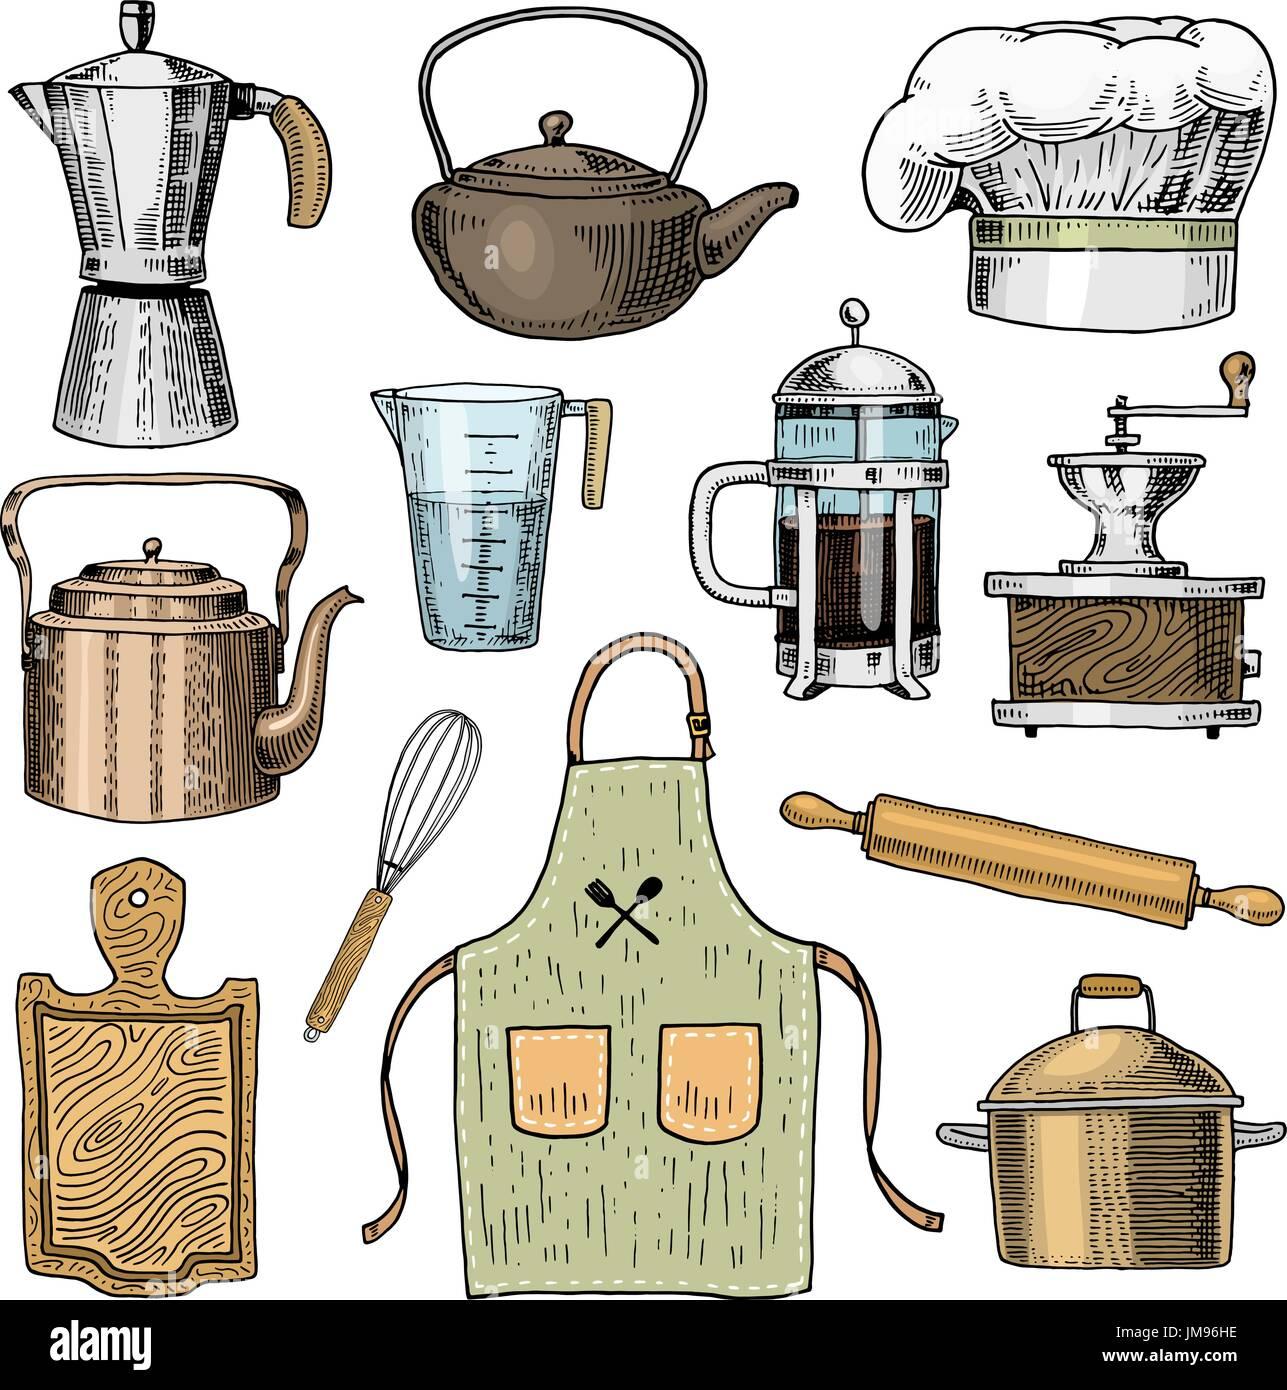 kaffeemaschine oder m hle franz sisch dr cken nudelholz und topf holzbrett koch und. Black Bedroom Furniture Sets. Home Design Ideas